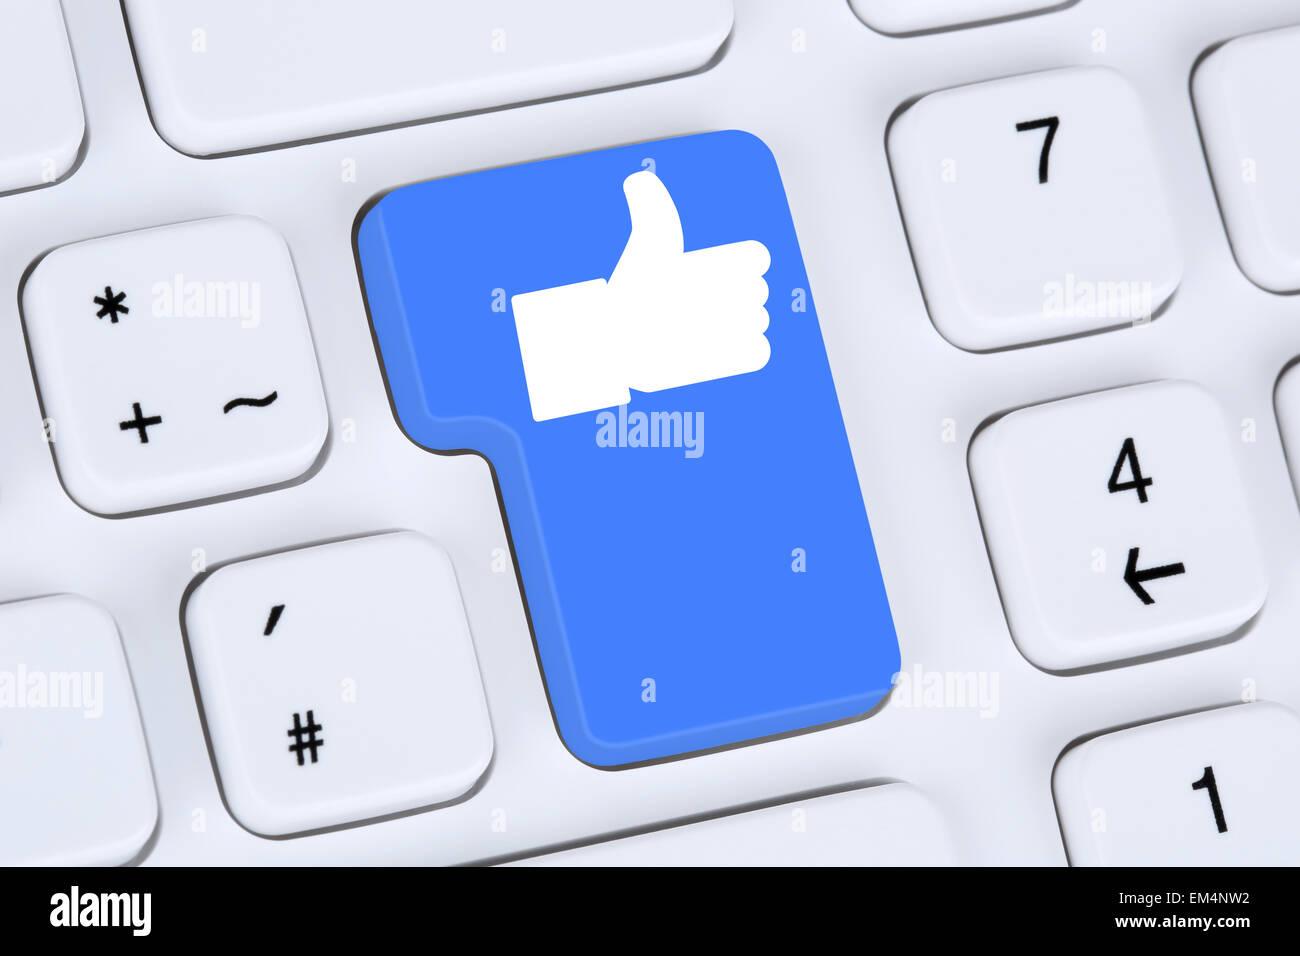 Come pulsante Simbolo icona pollice in alto social media o rete su internet della tastiera del computer Immagini Stock